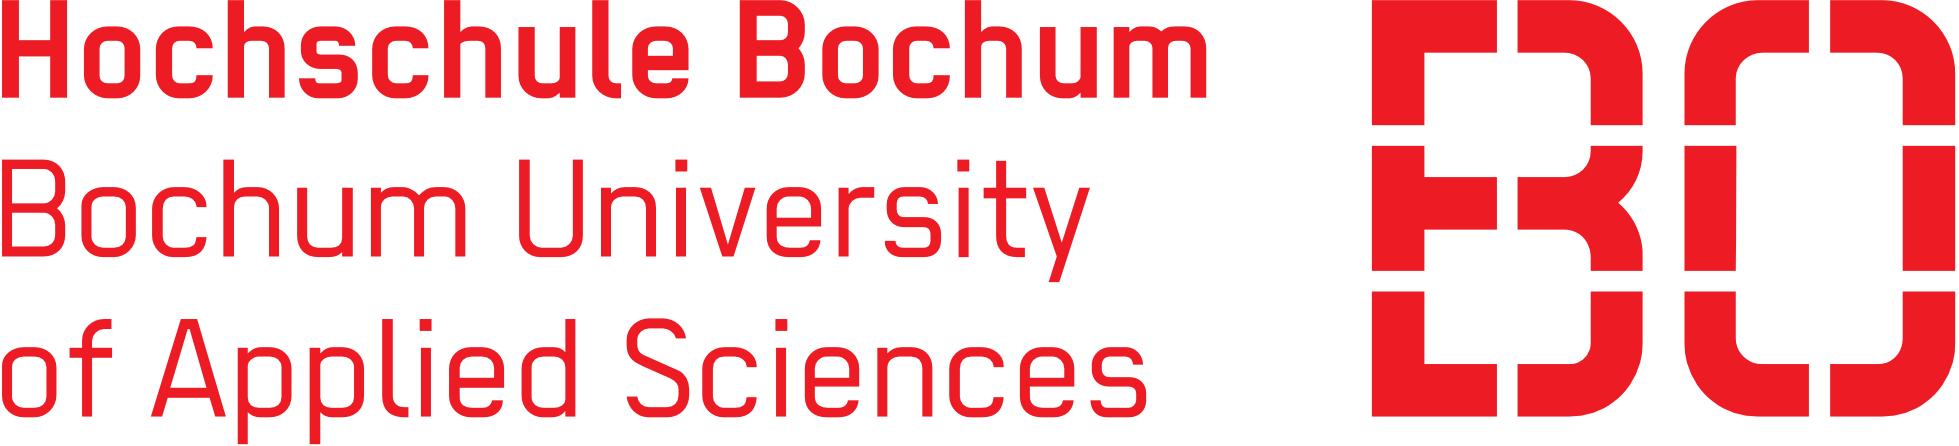 Logo Hochschule bochum